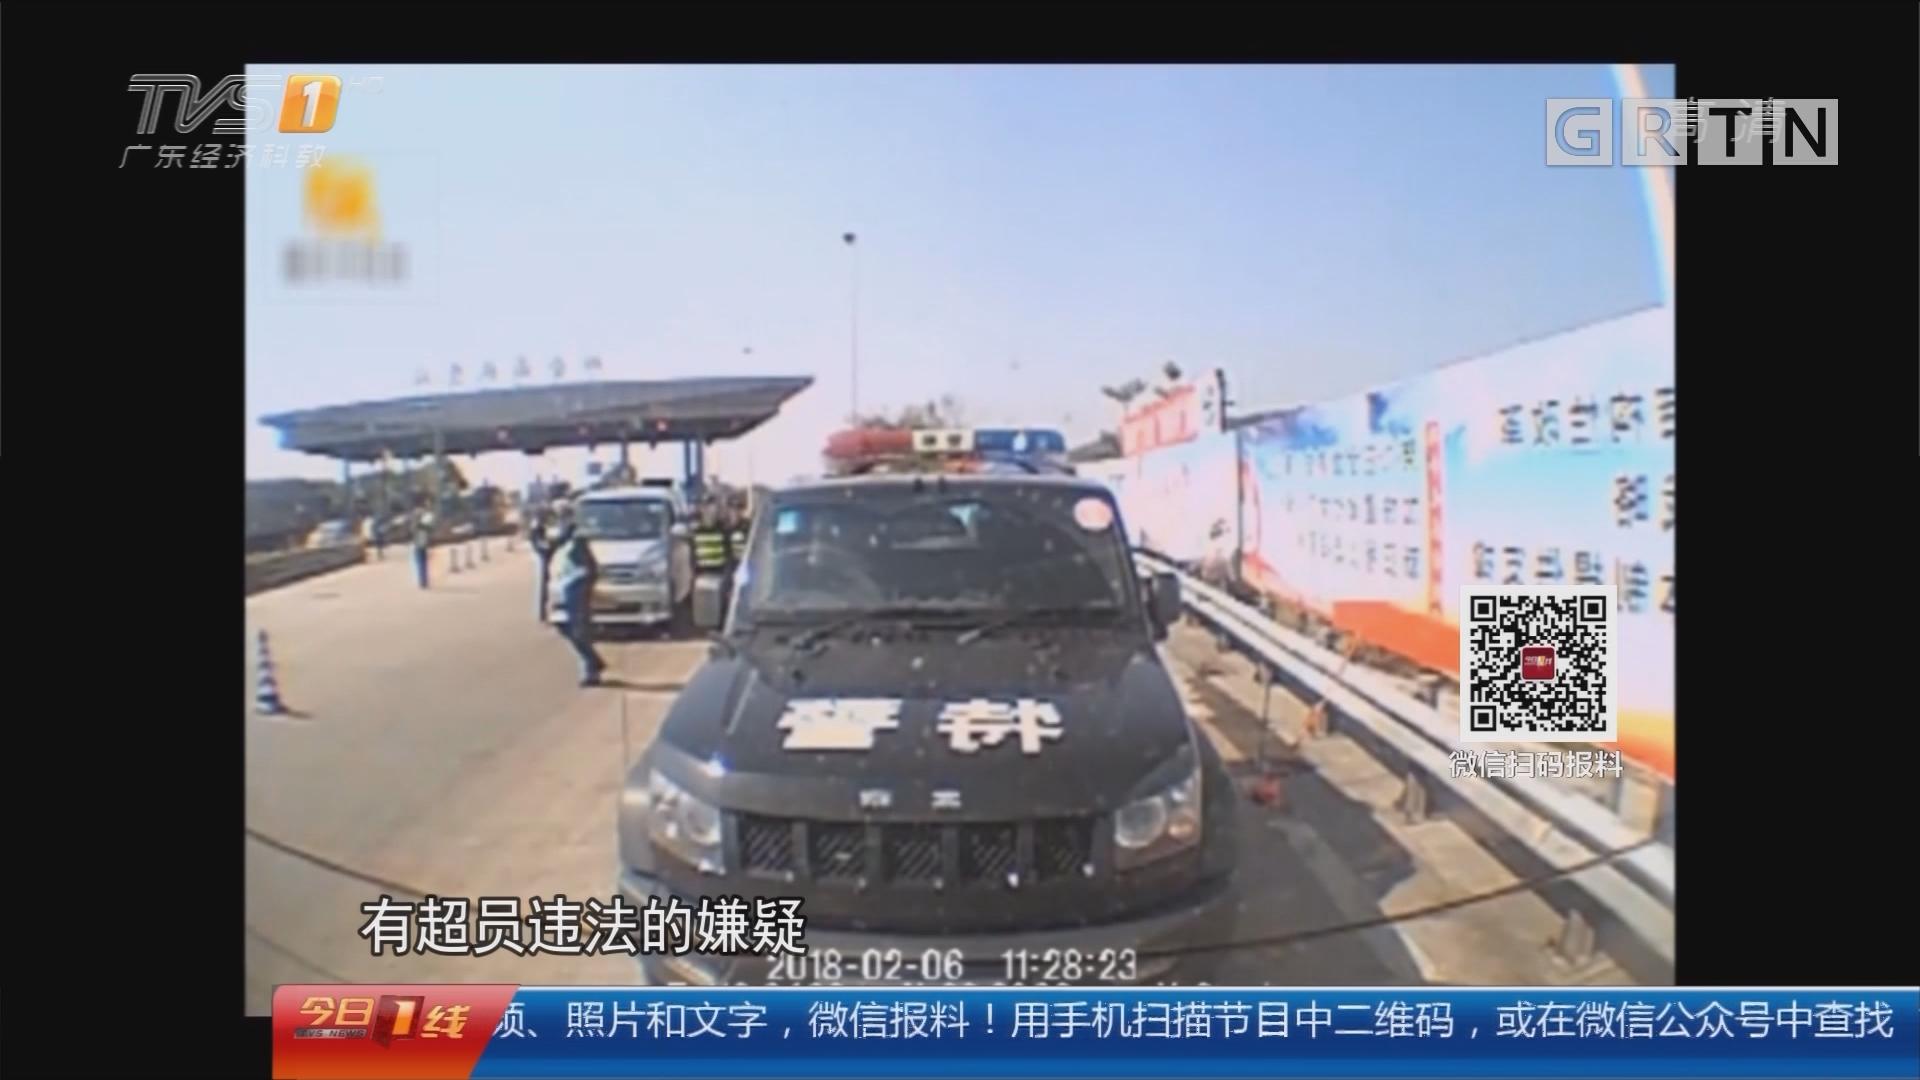 肇庆:面包车超载冲卡撞警车 司机被拘留